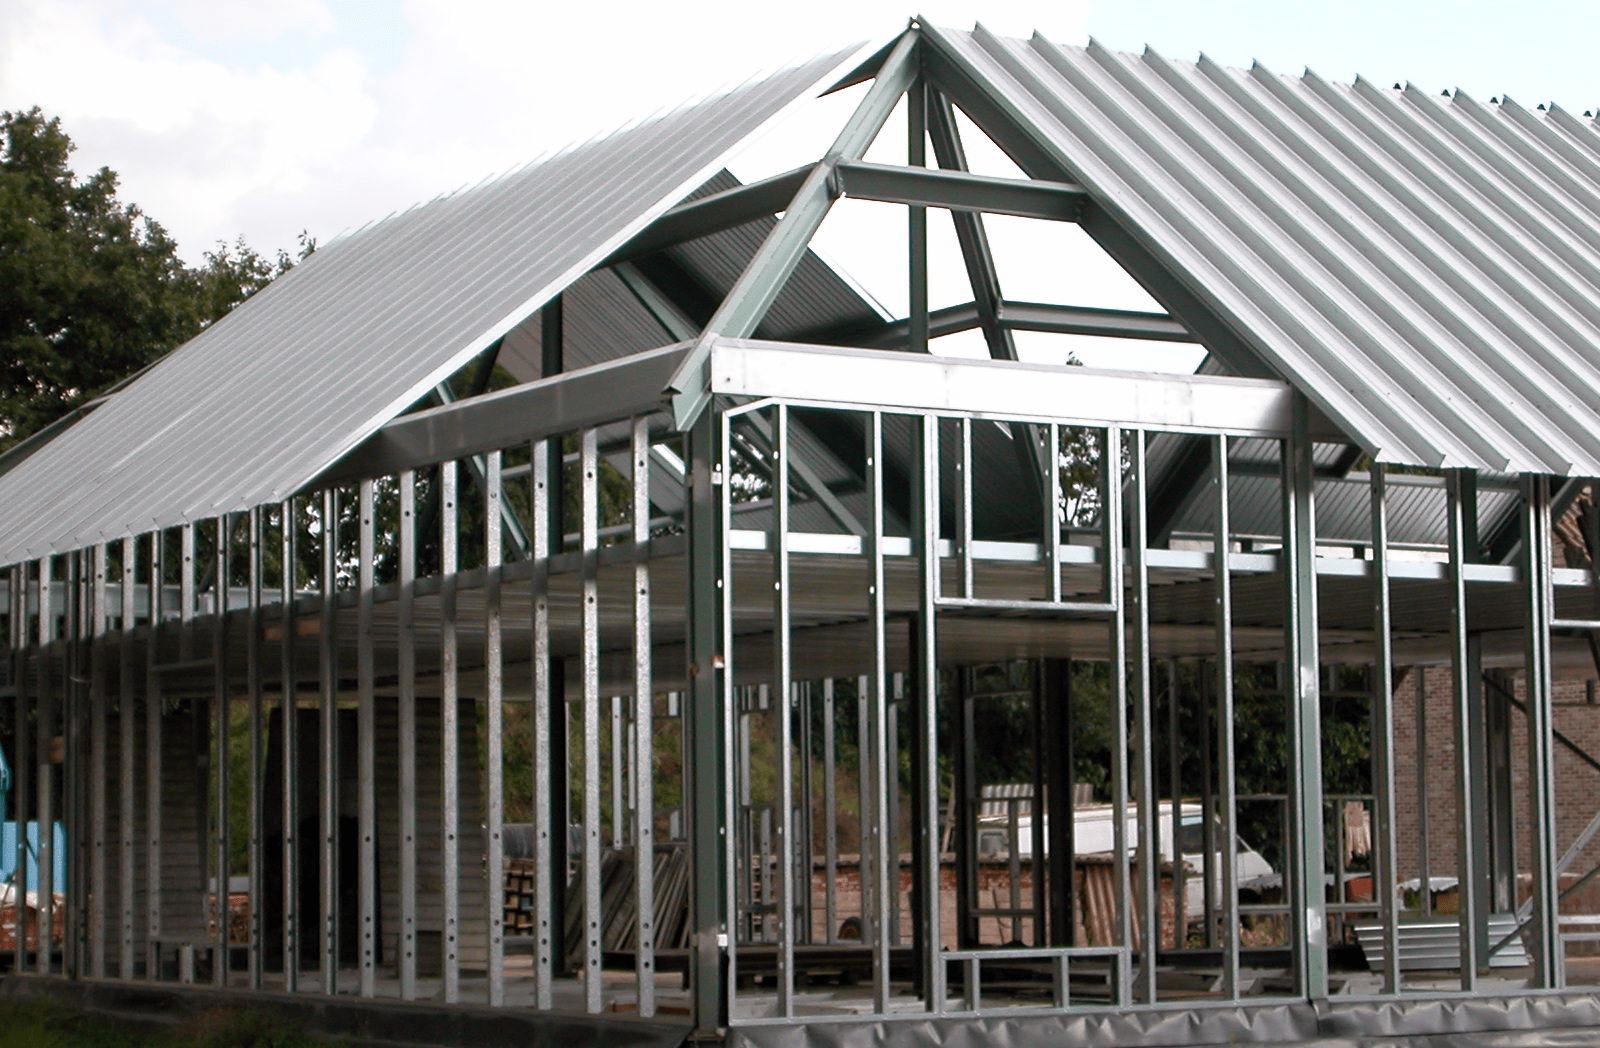 95 staalbouw woningen staalbouwwoningen dmw introductie for Koi pond builders west midlands